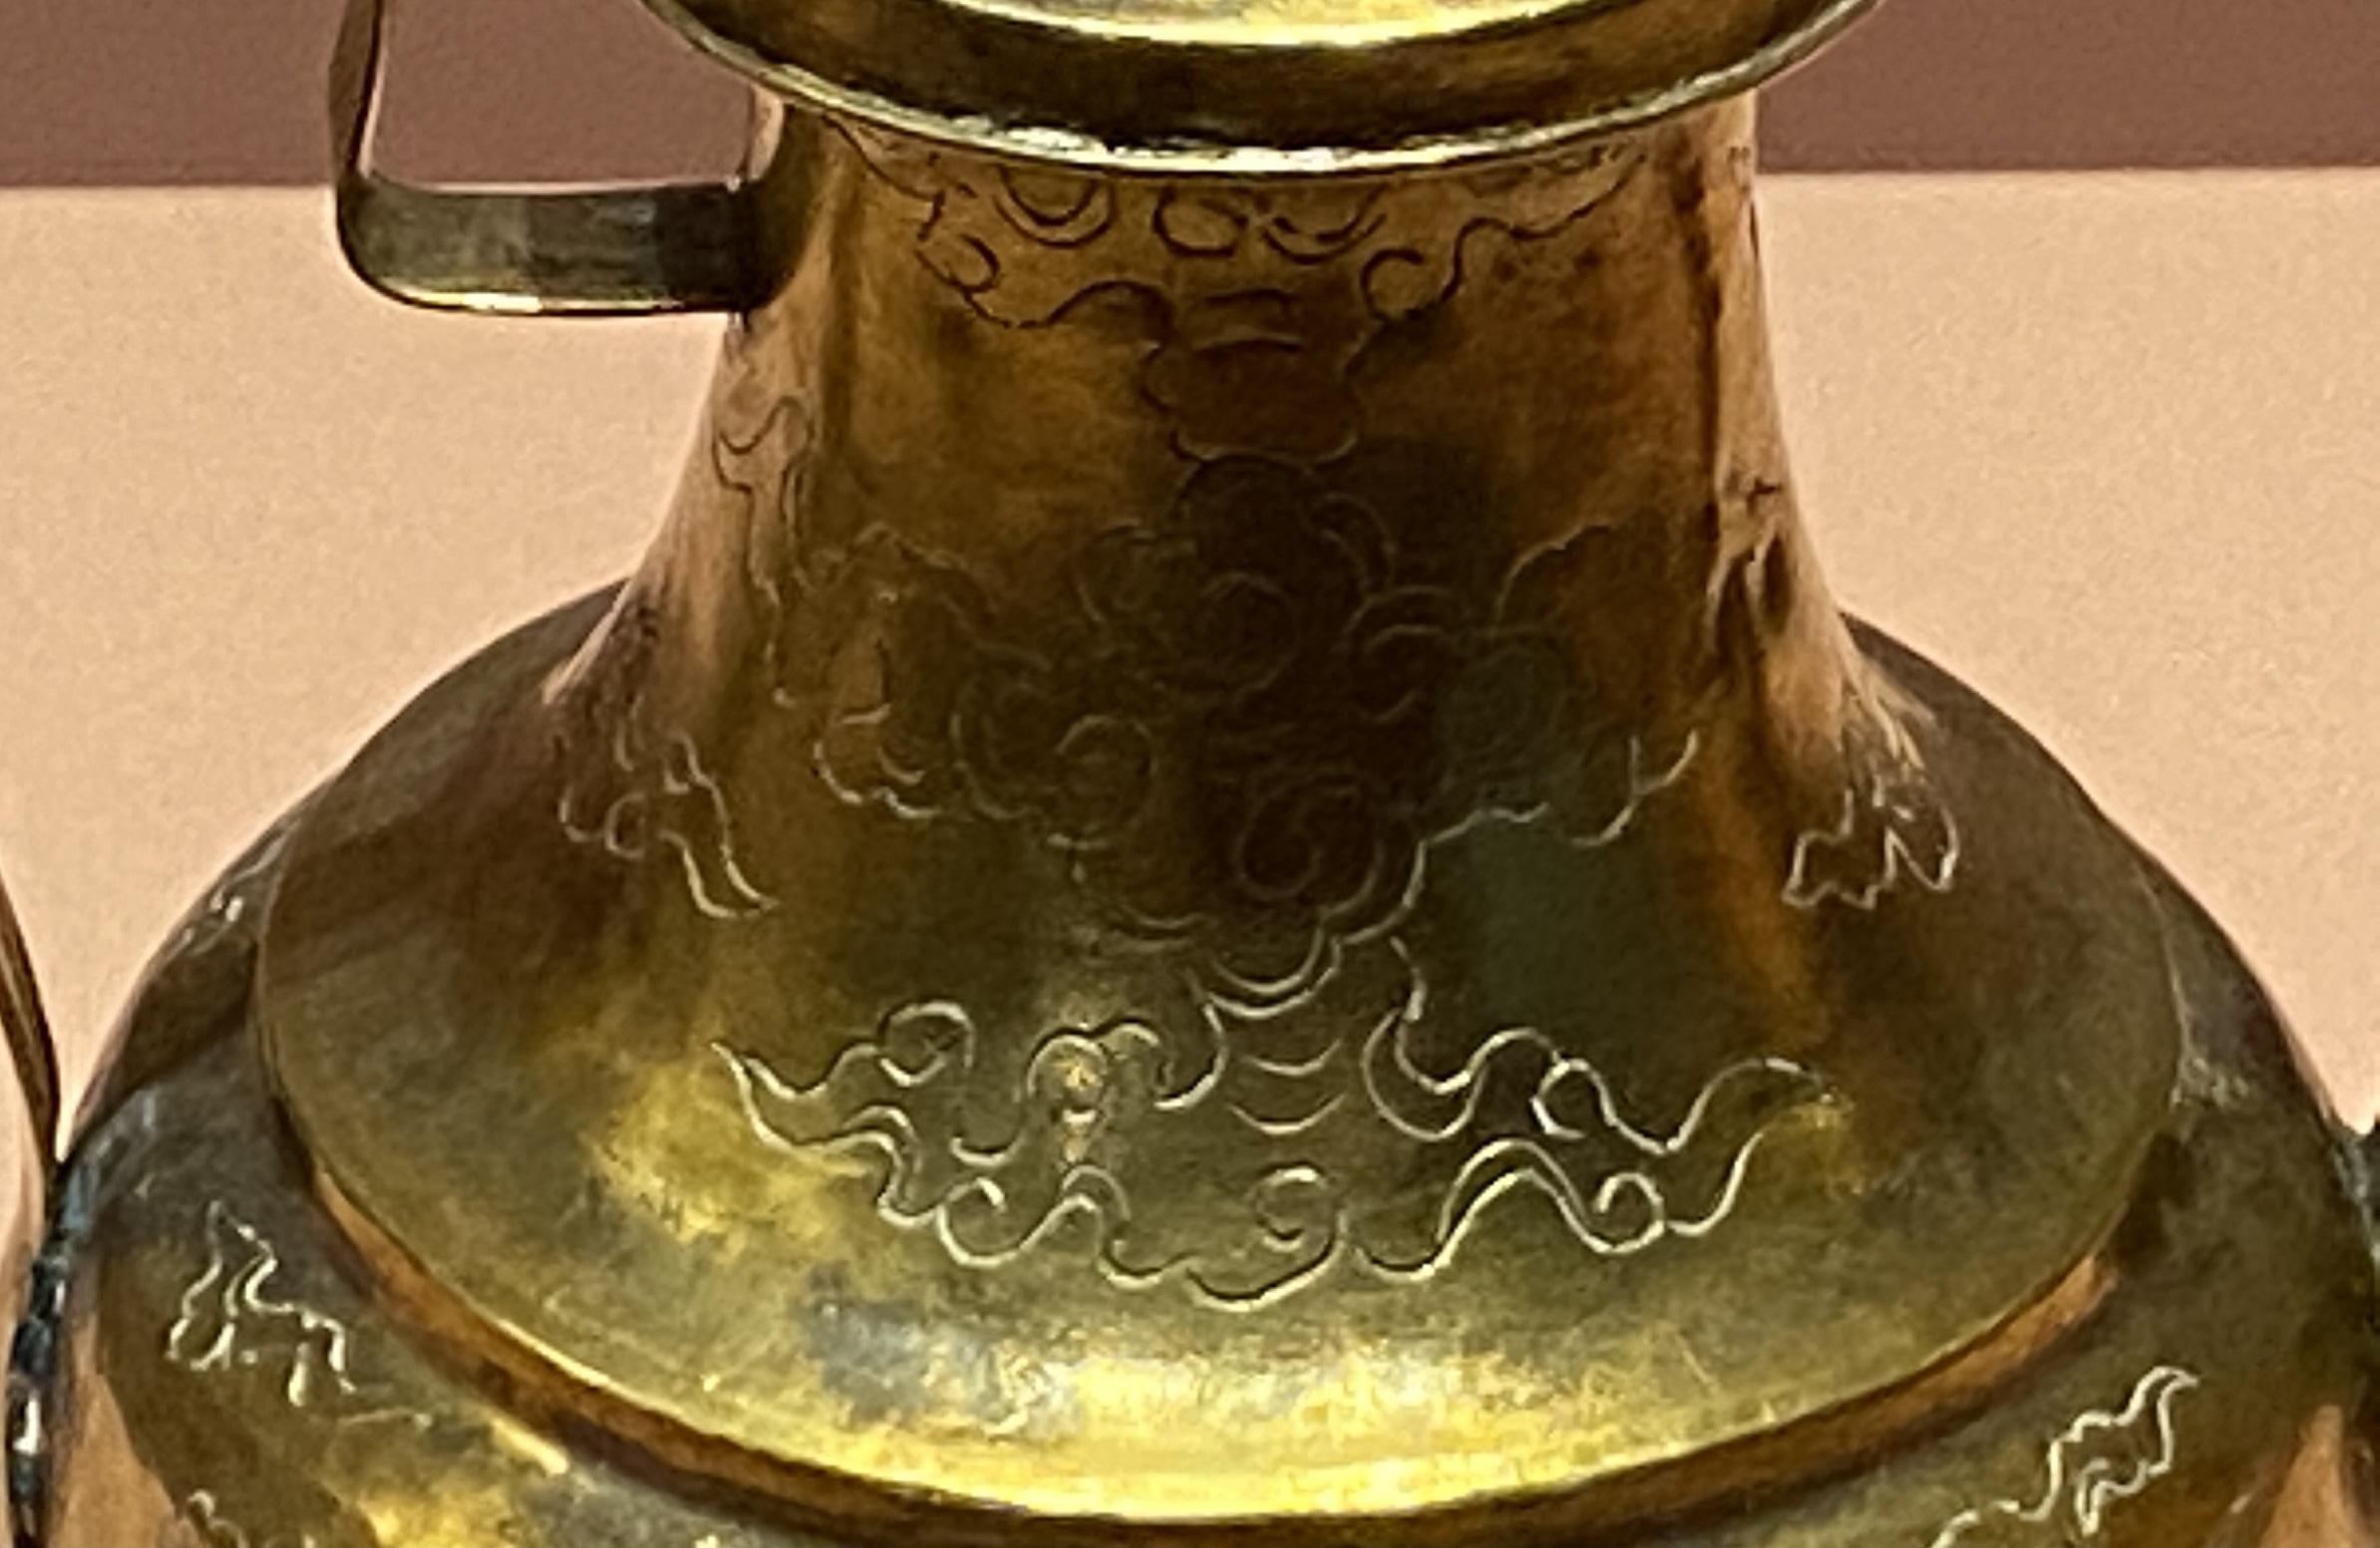 龍鳳紋金執壺-明時代-特別展【食味人間】四川博物院・中国国家博物館